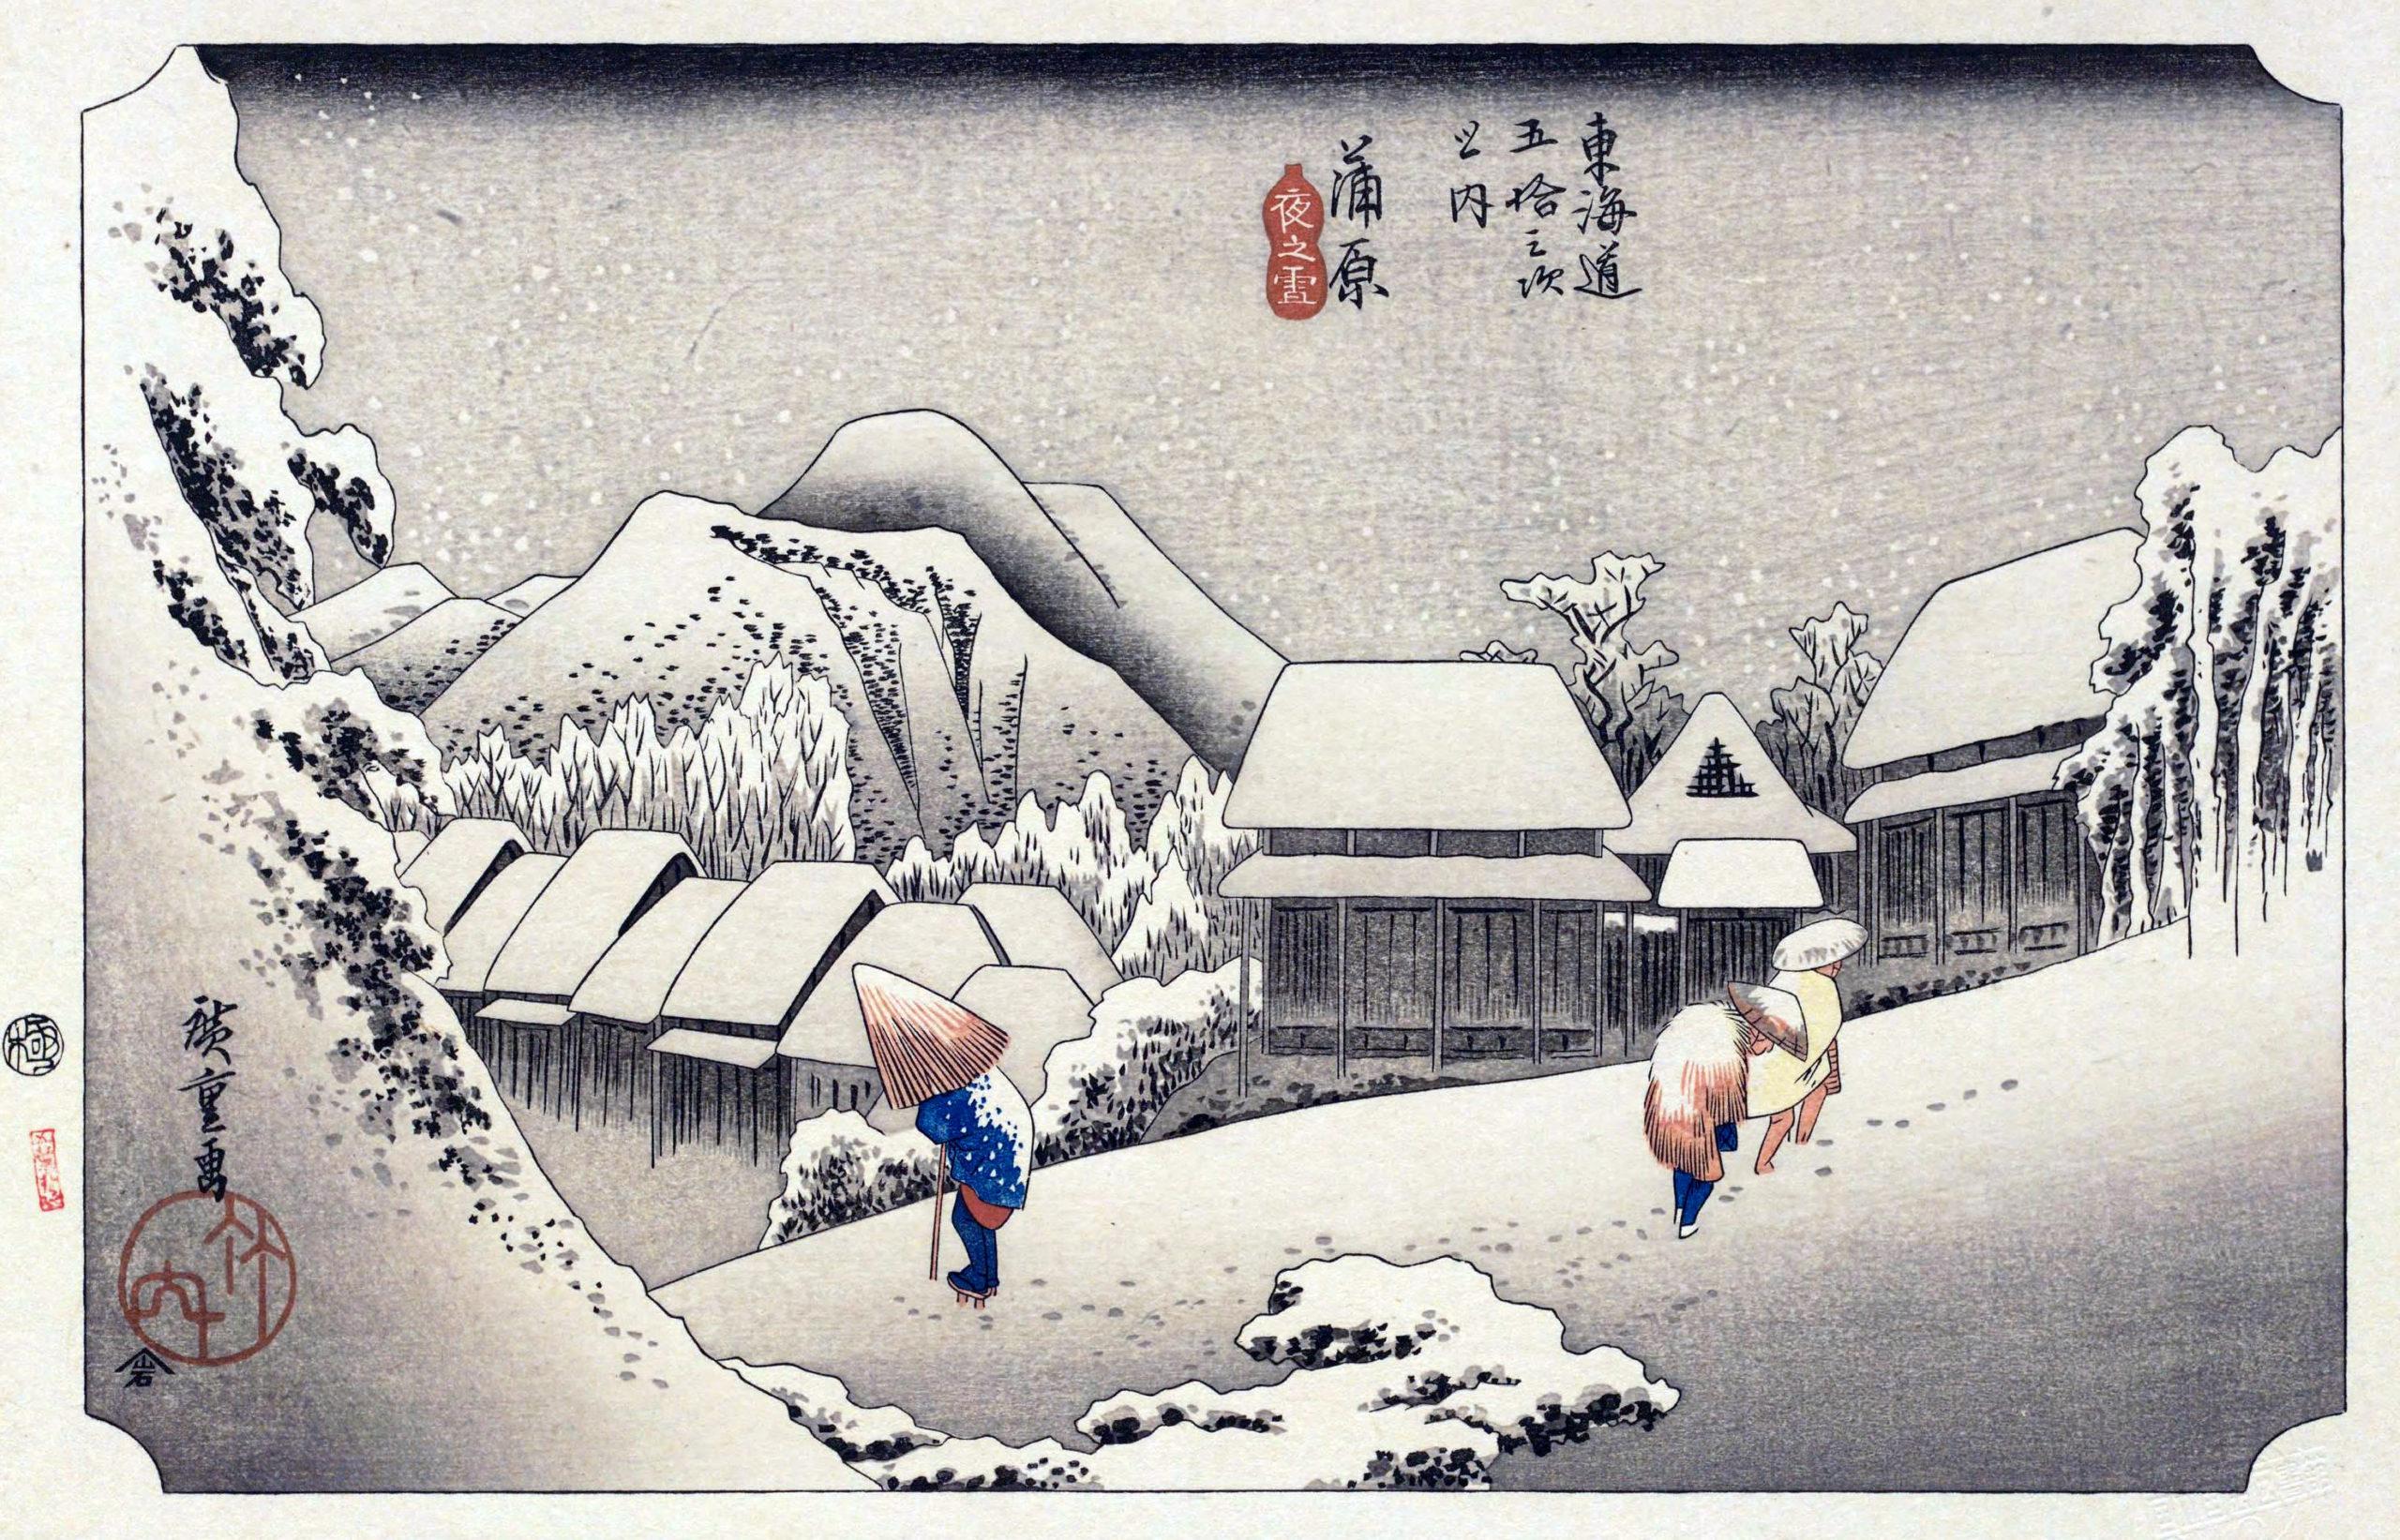 『東海道五拾三次』蒲原 夜之雪